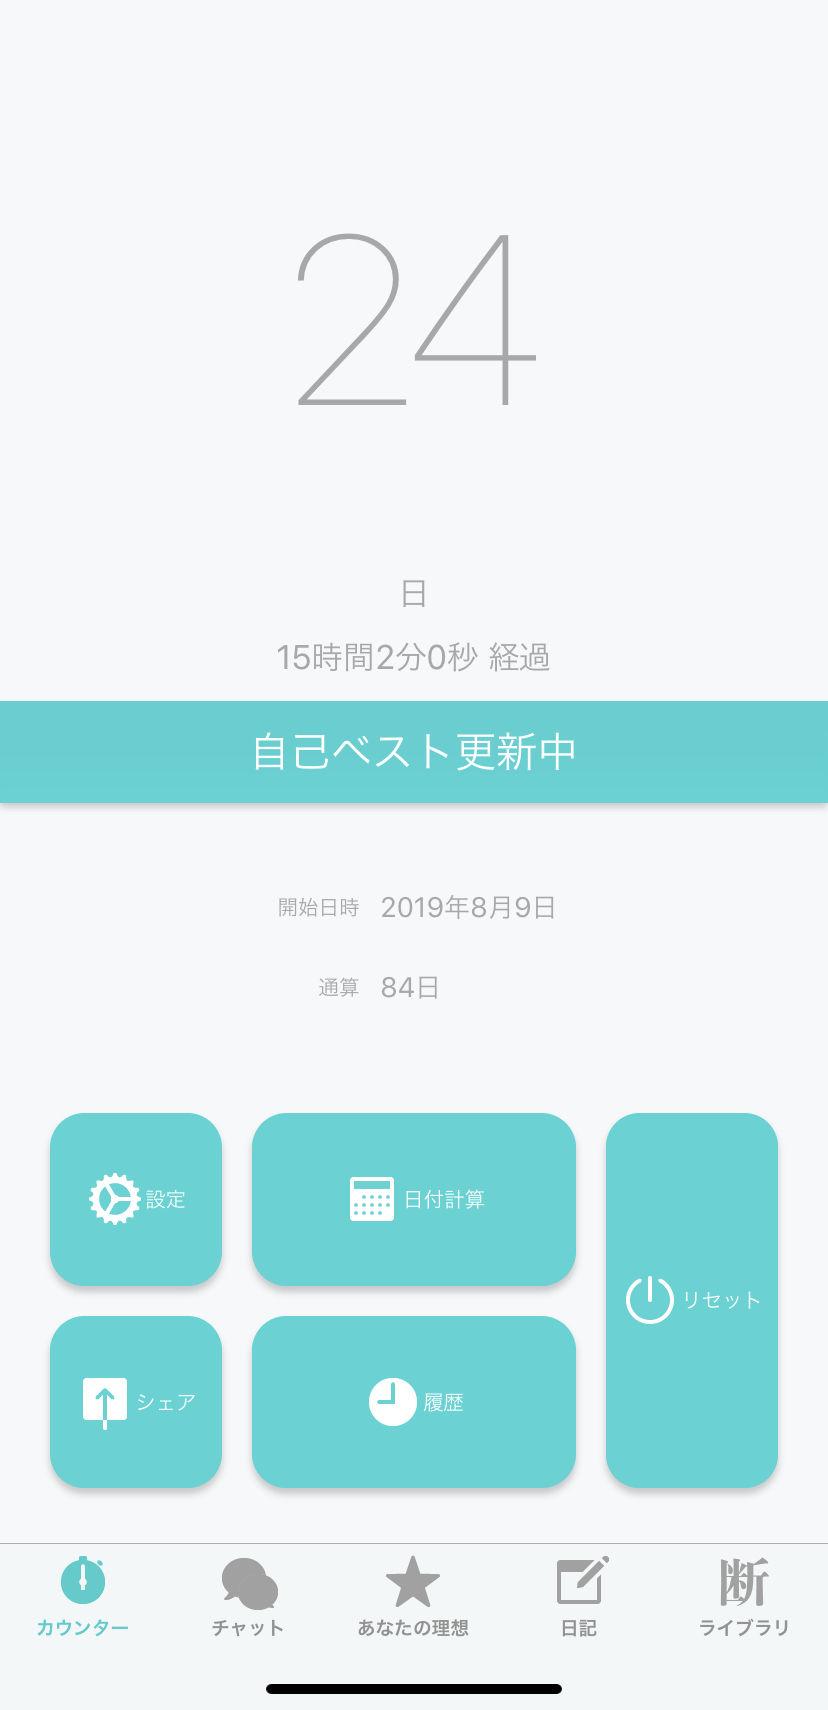 禁 リセット オナ 【オナ禁者必読!】リセット後の超回復方法